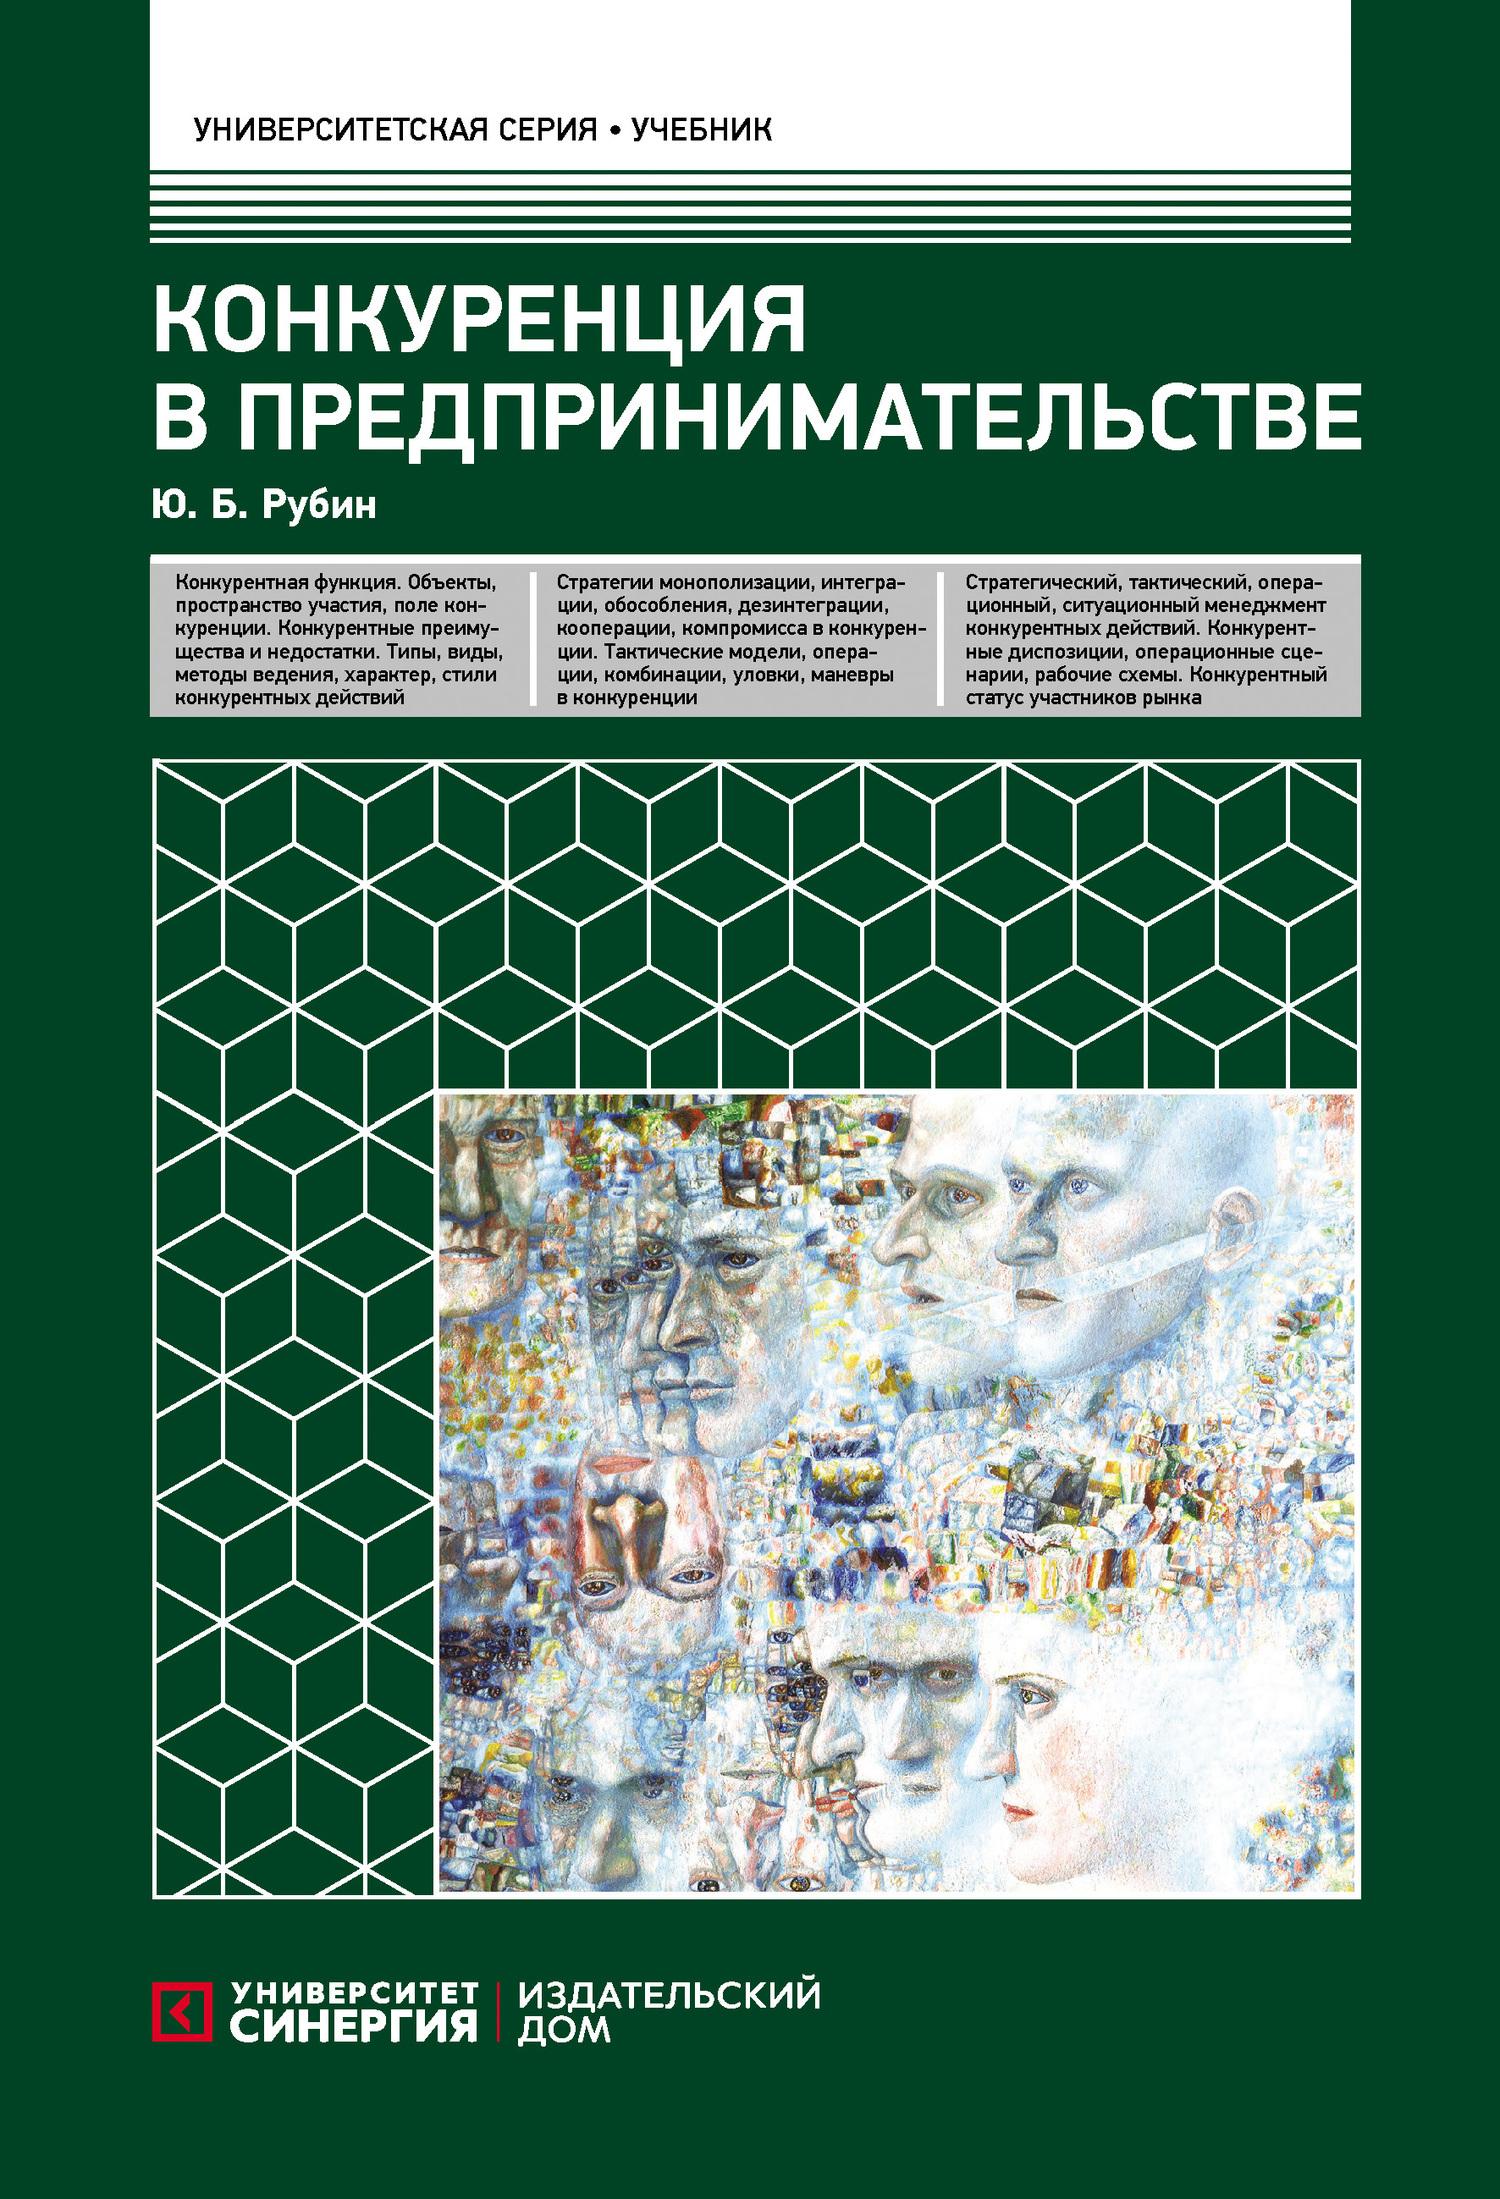 Обложка книги. Автор - Юрий Рубин